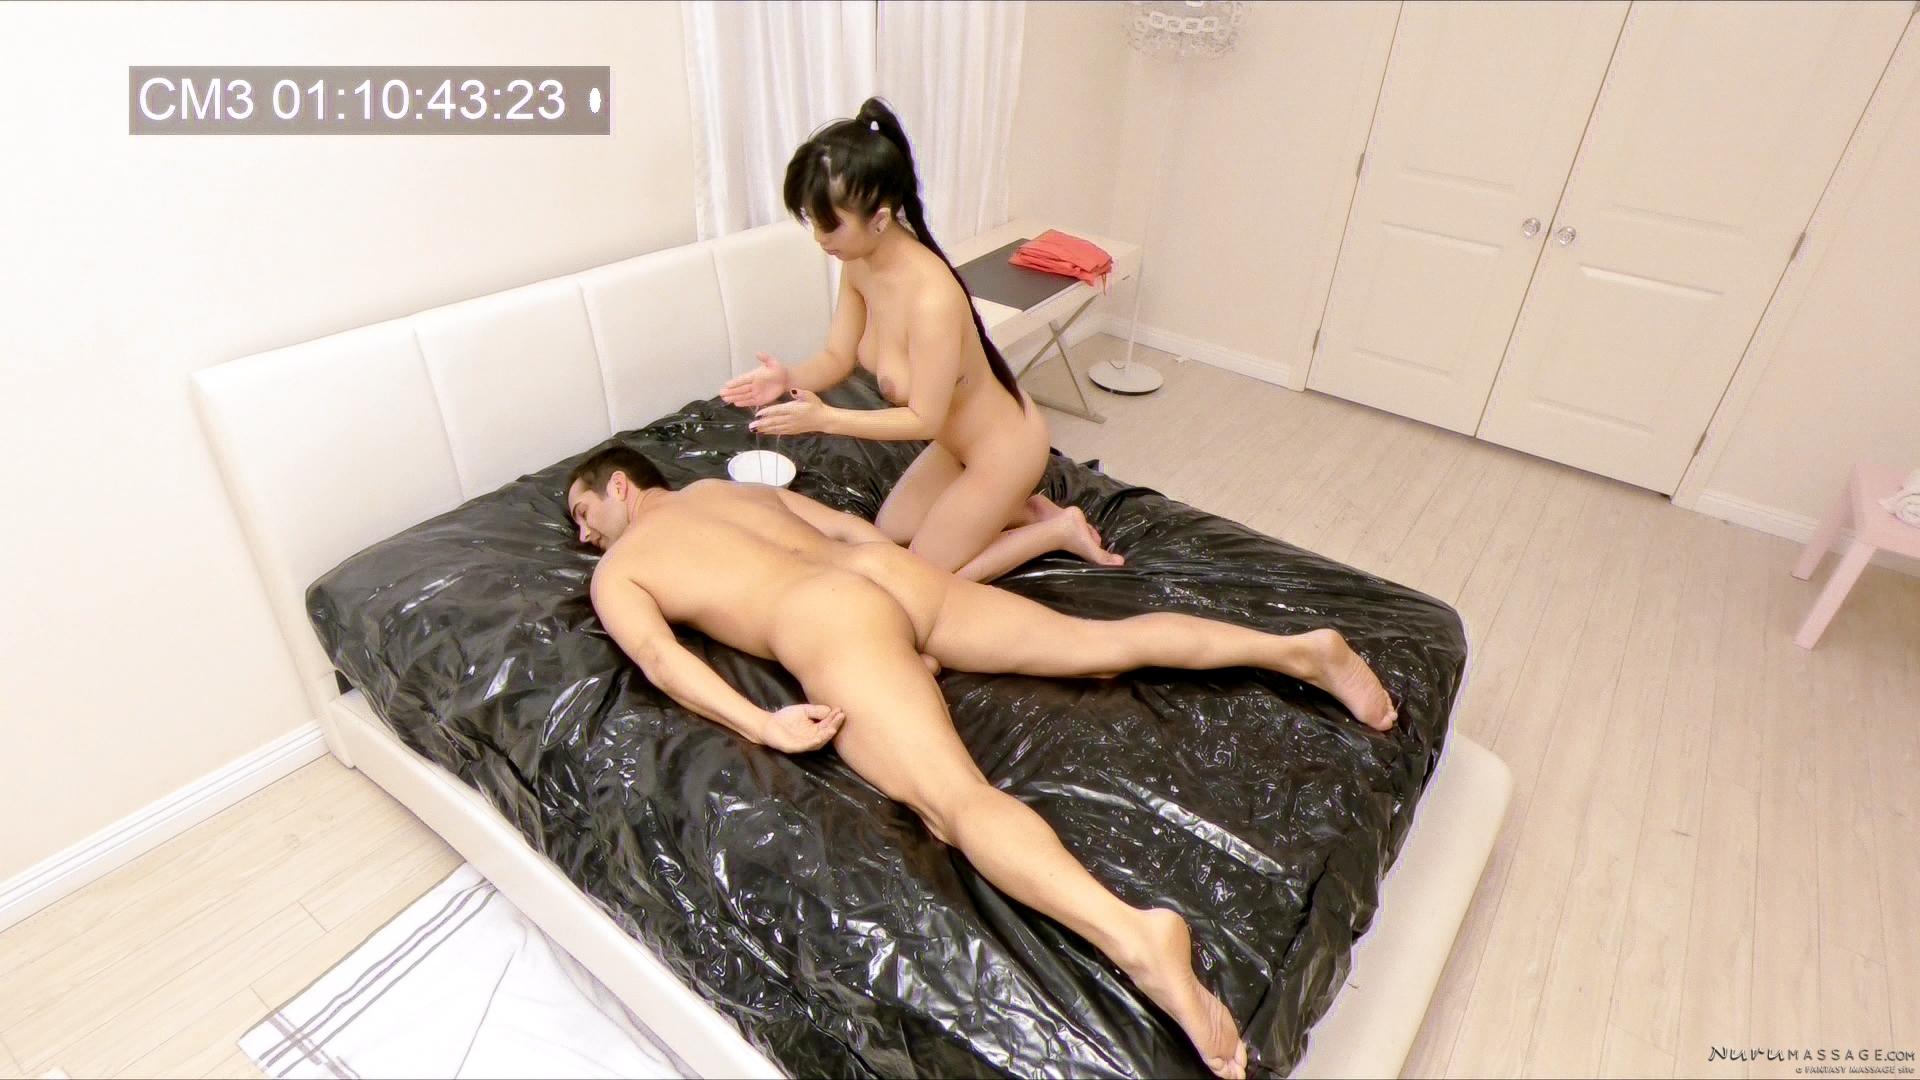 Asiatinnen Pornos. Galerie - 1527. Foto - 3